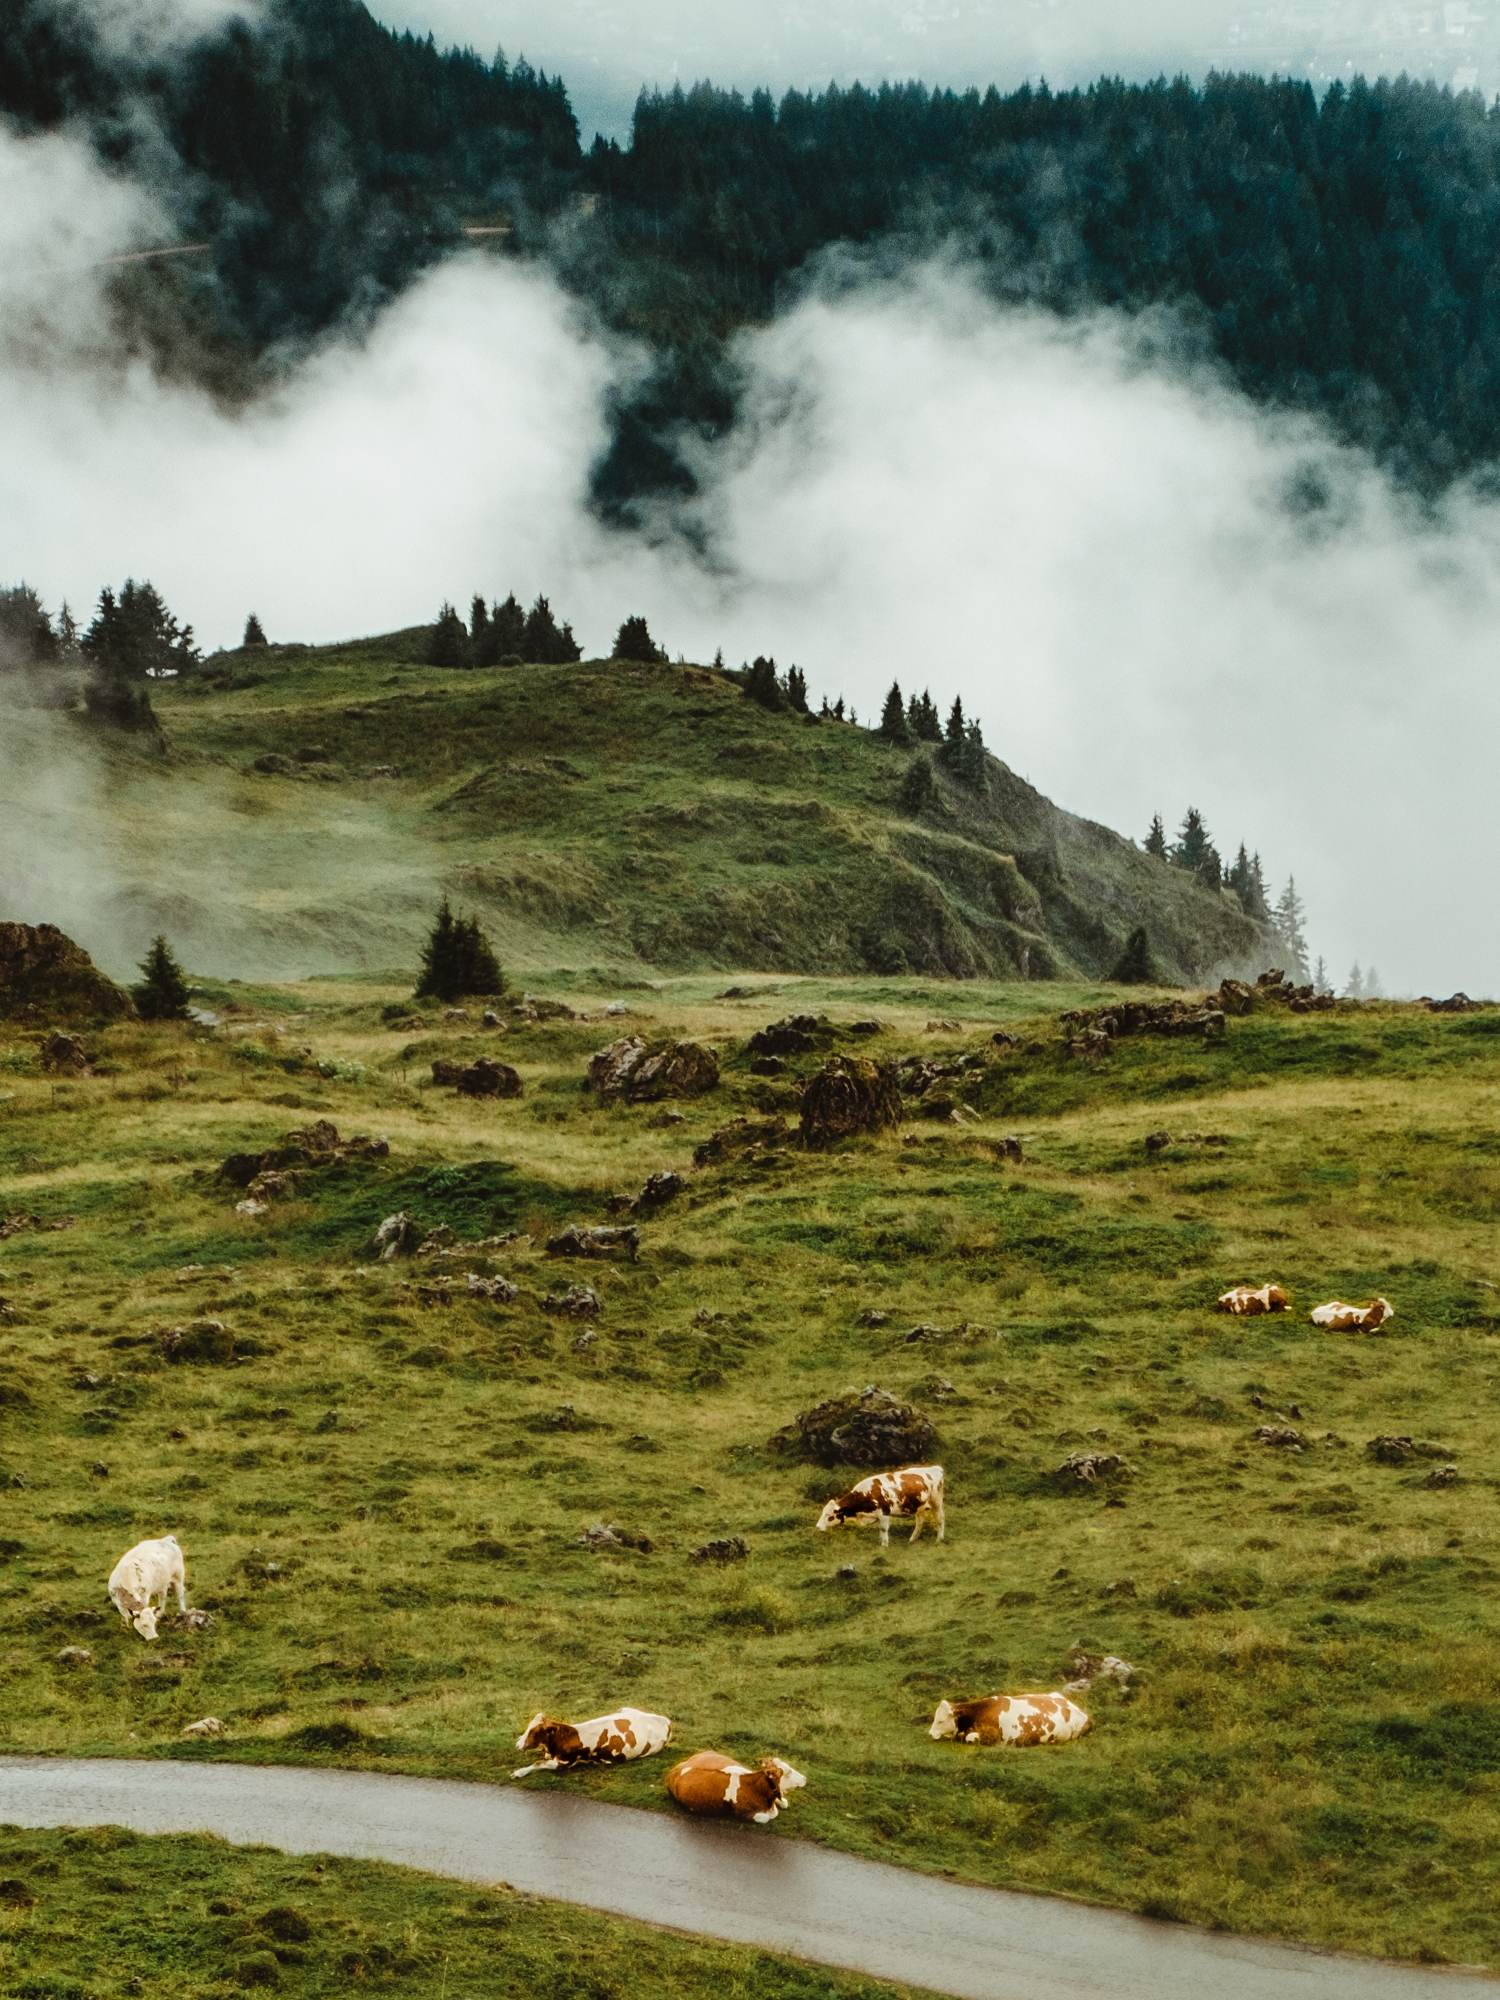 Bei spannenden Bergtouren, können Natur und Tiere hautnah erlebt werden.